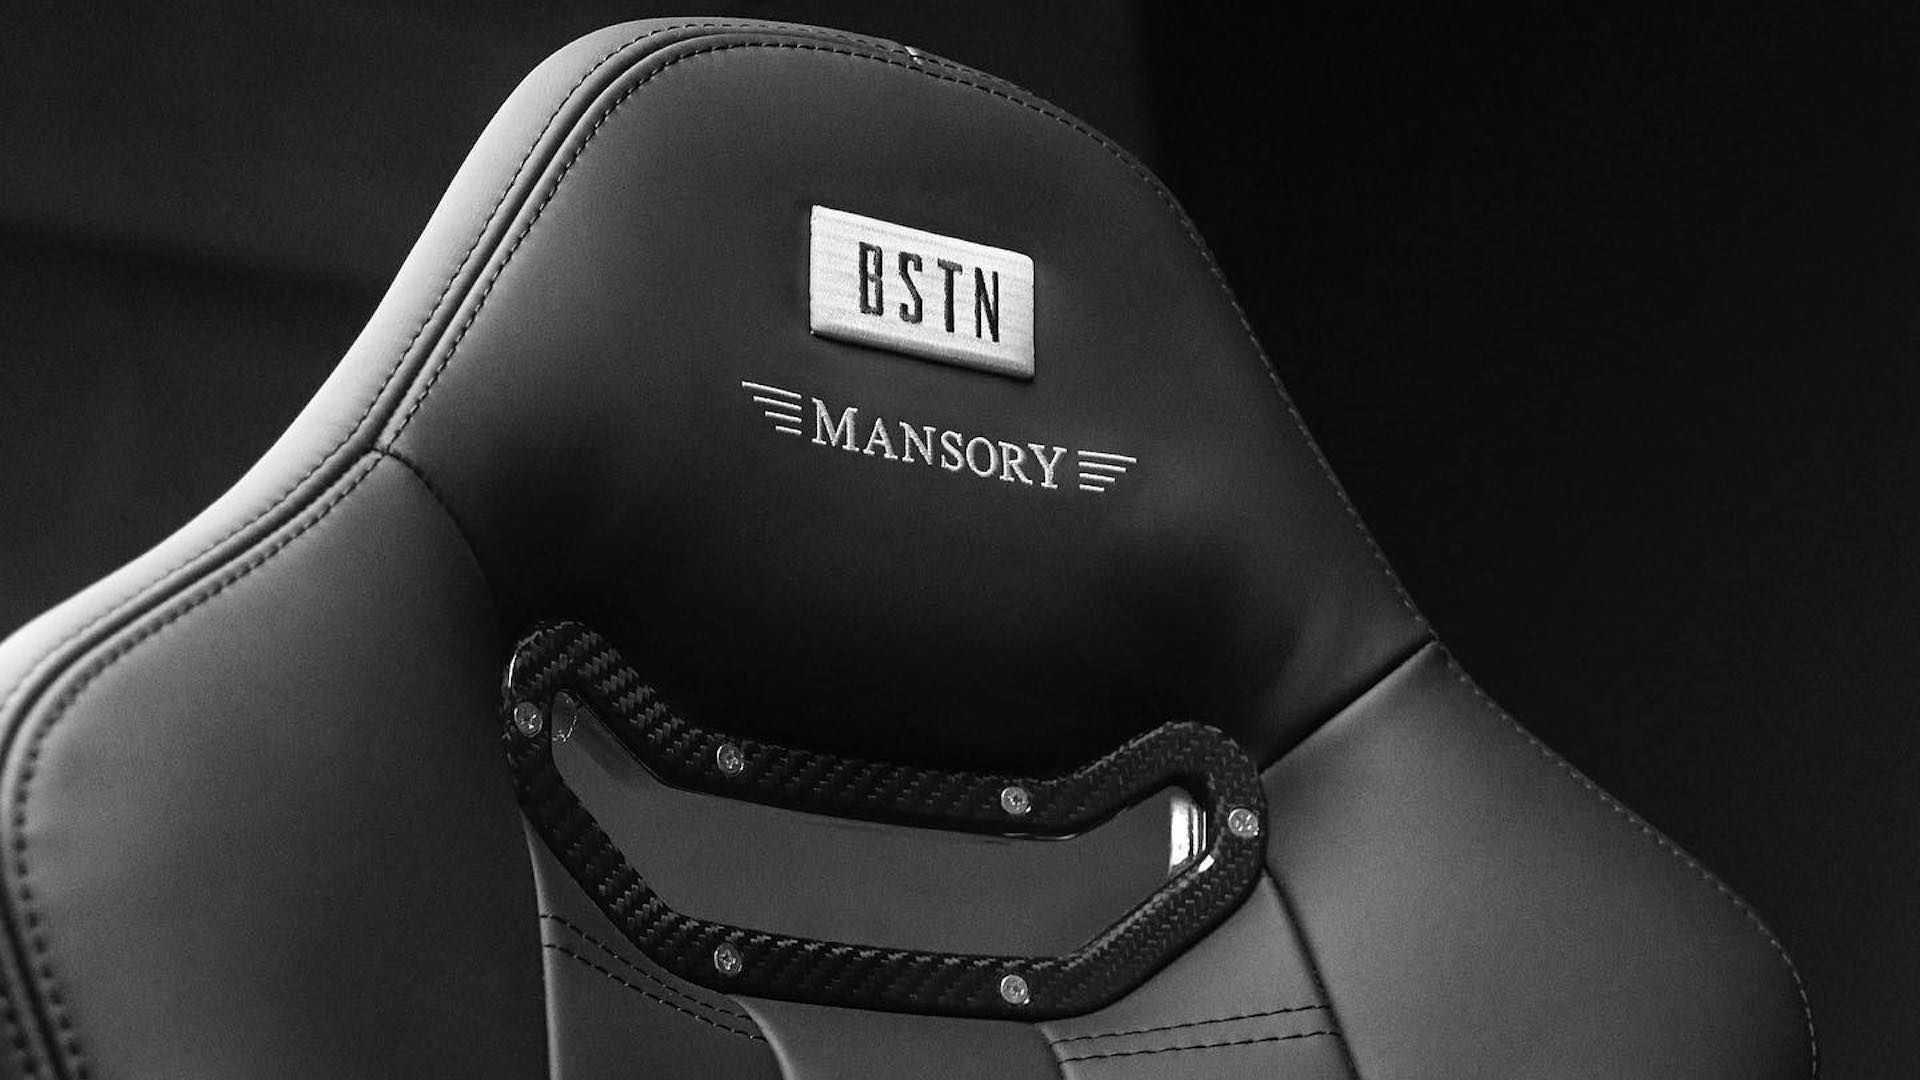 BSTN_GT-XI_LawnMower_by_Mansory_0006